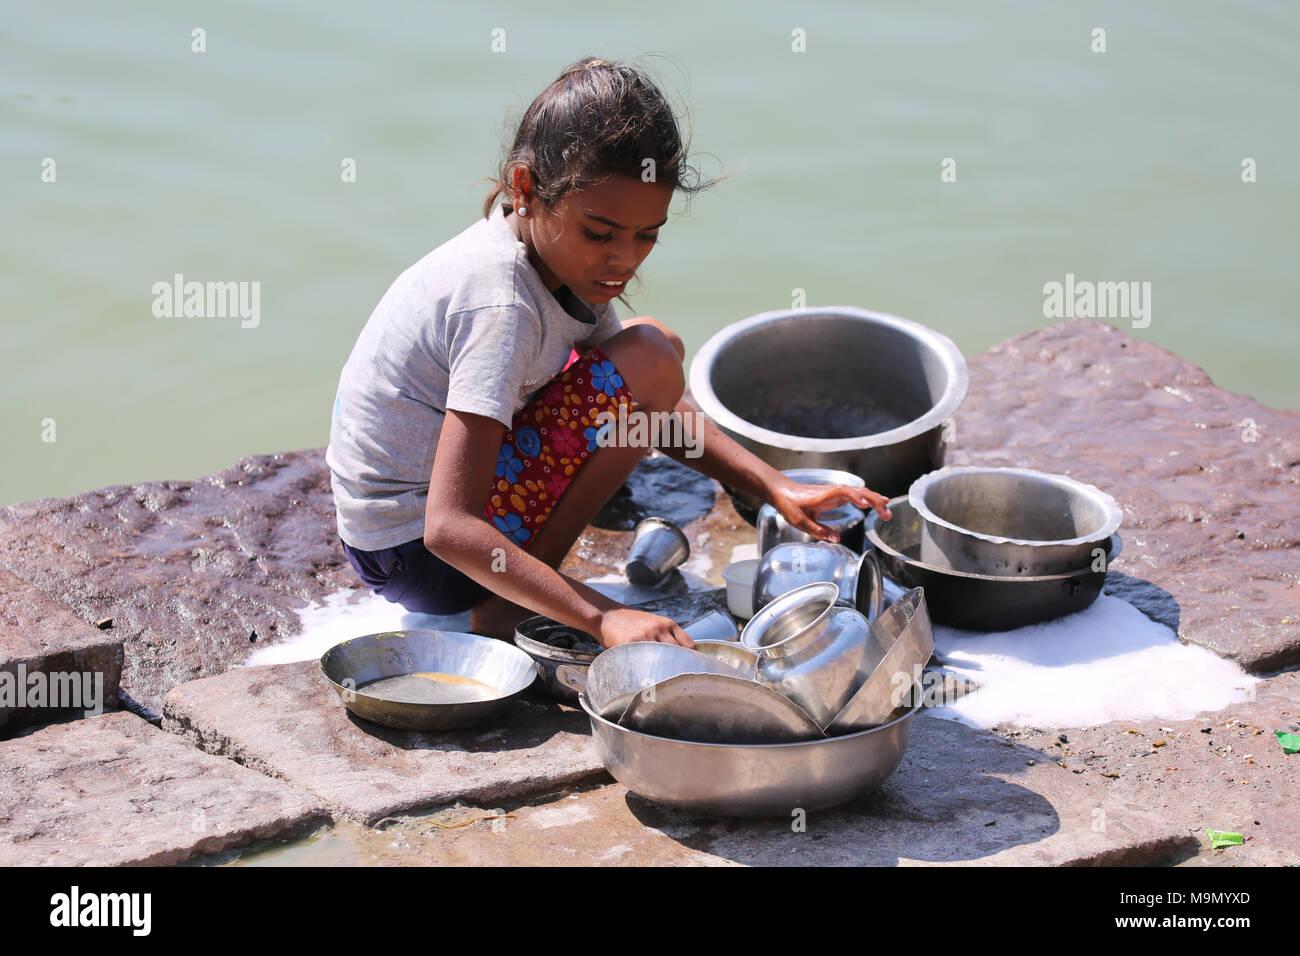 Indian girl washing dishes at the river -  indisches Mädchen beim Gechirr waschen am Fluss - Stock Image